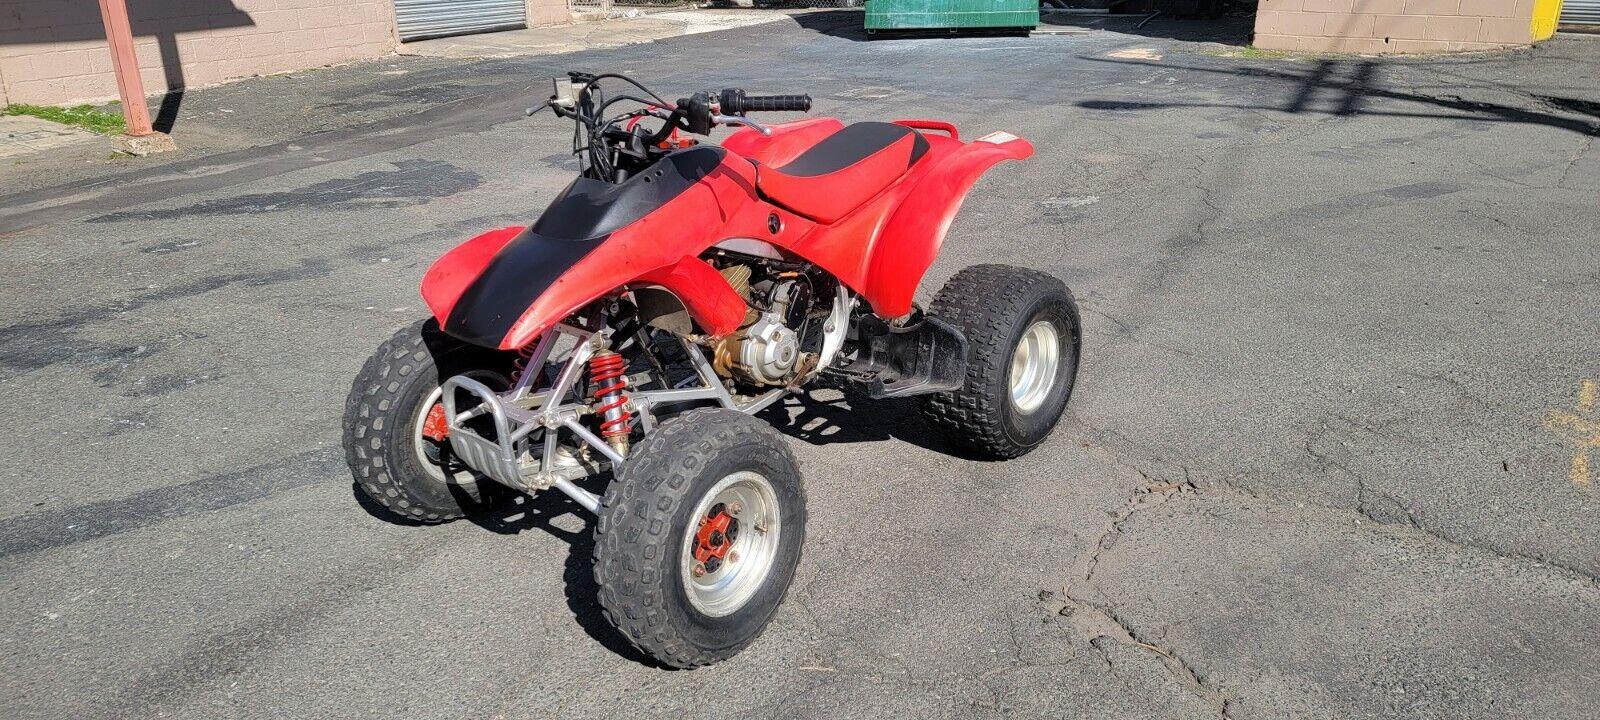 2006 Honda TRX300EX ATV / Quad 300EX TRX